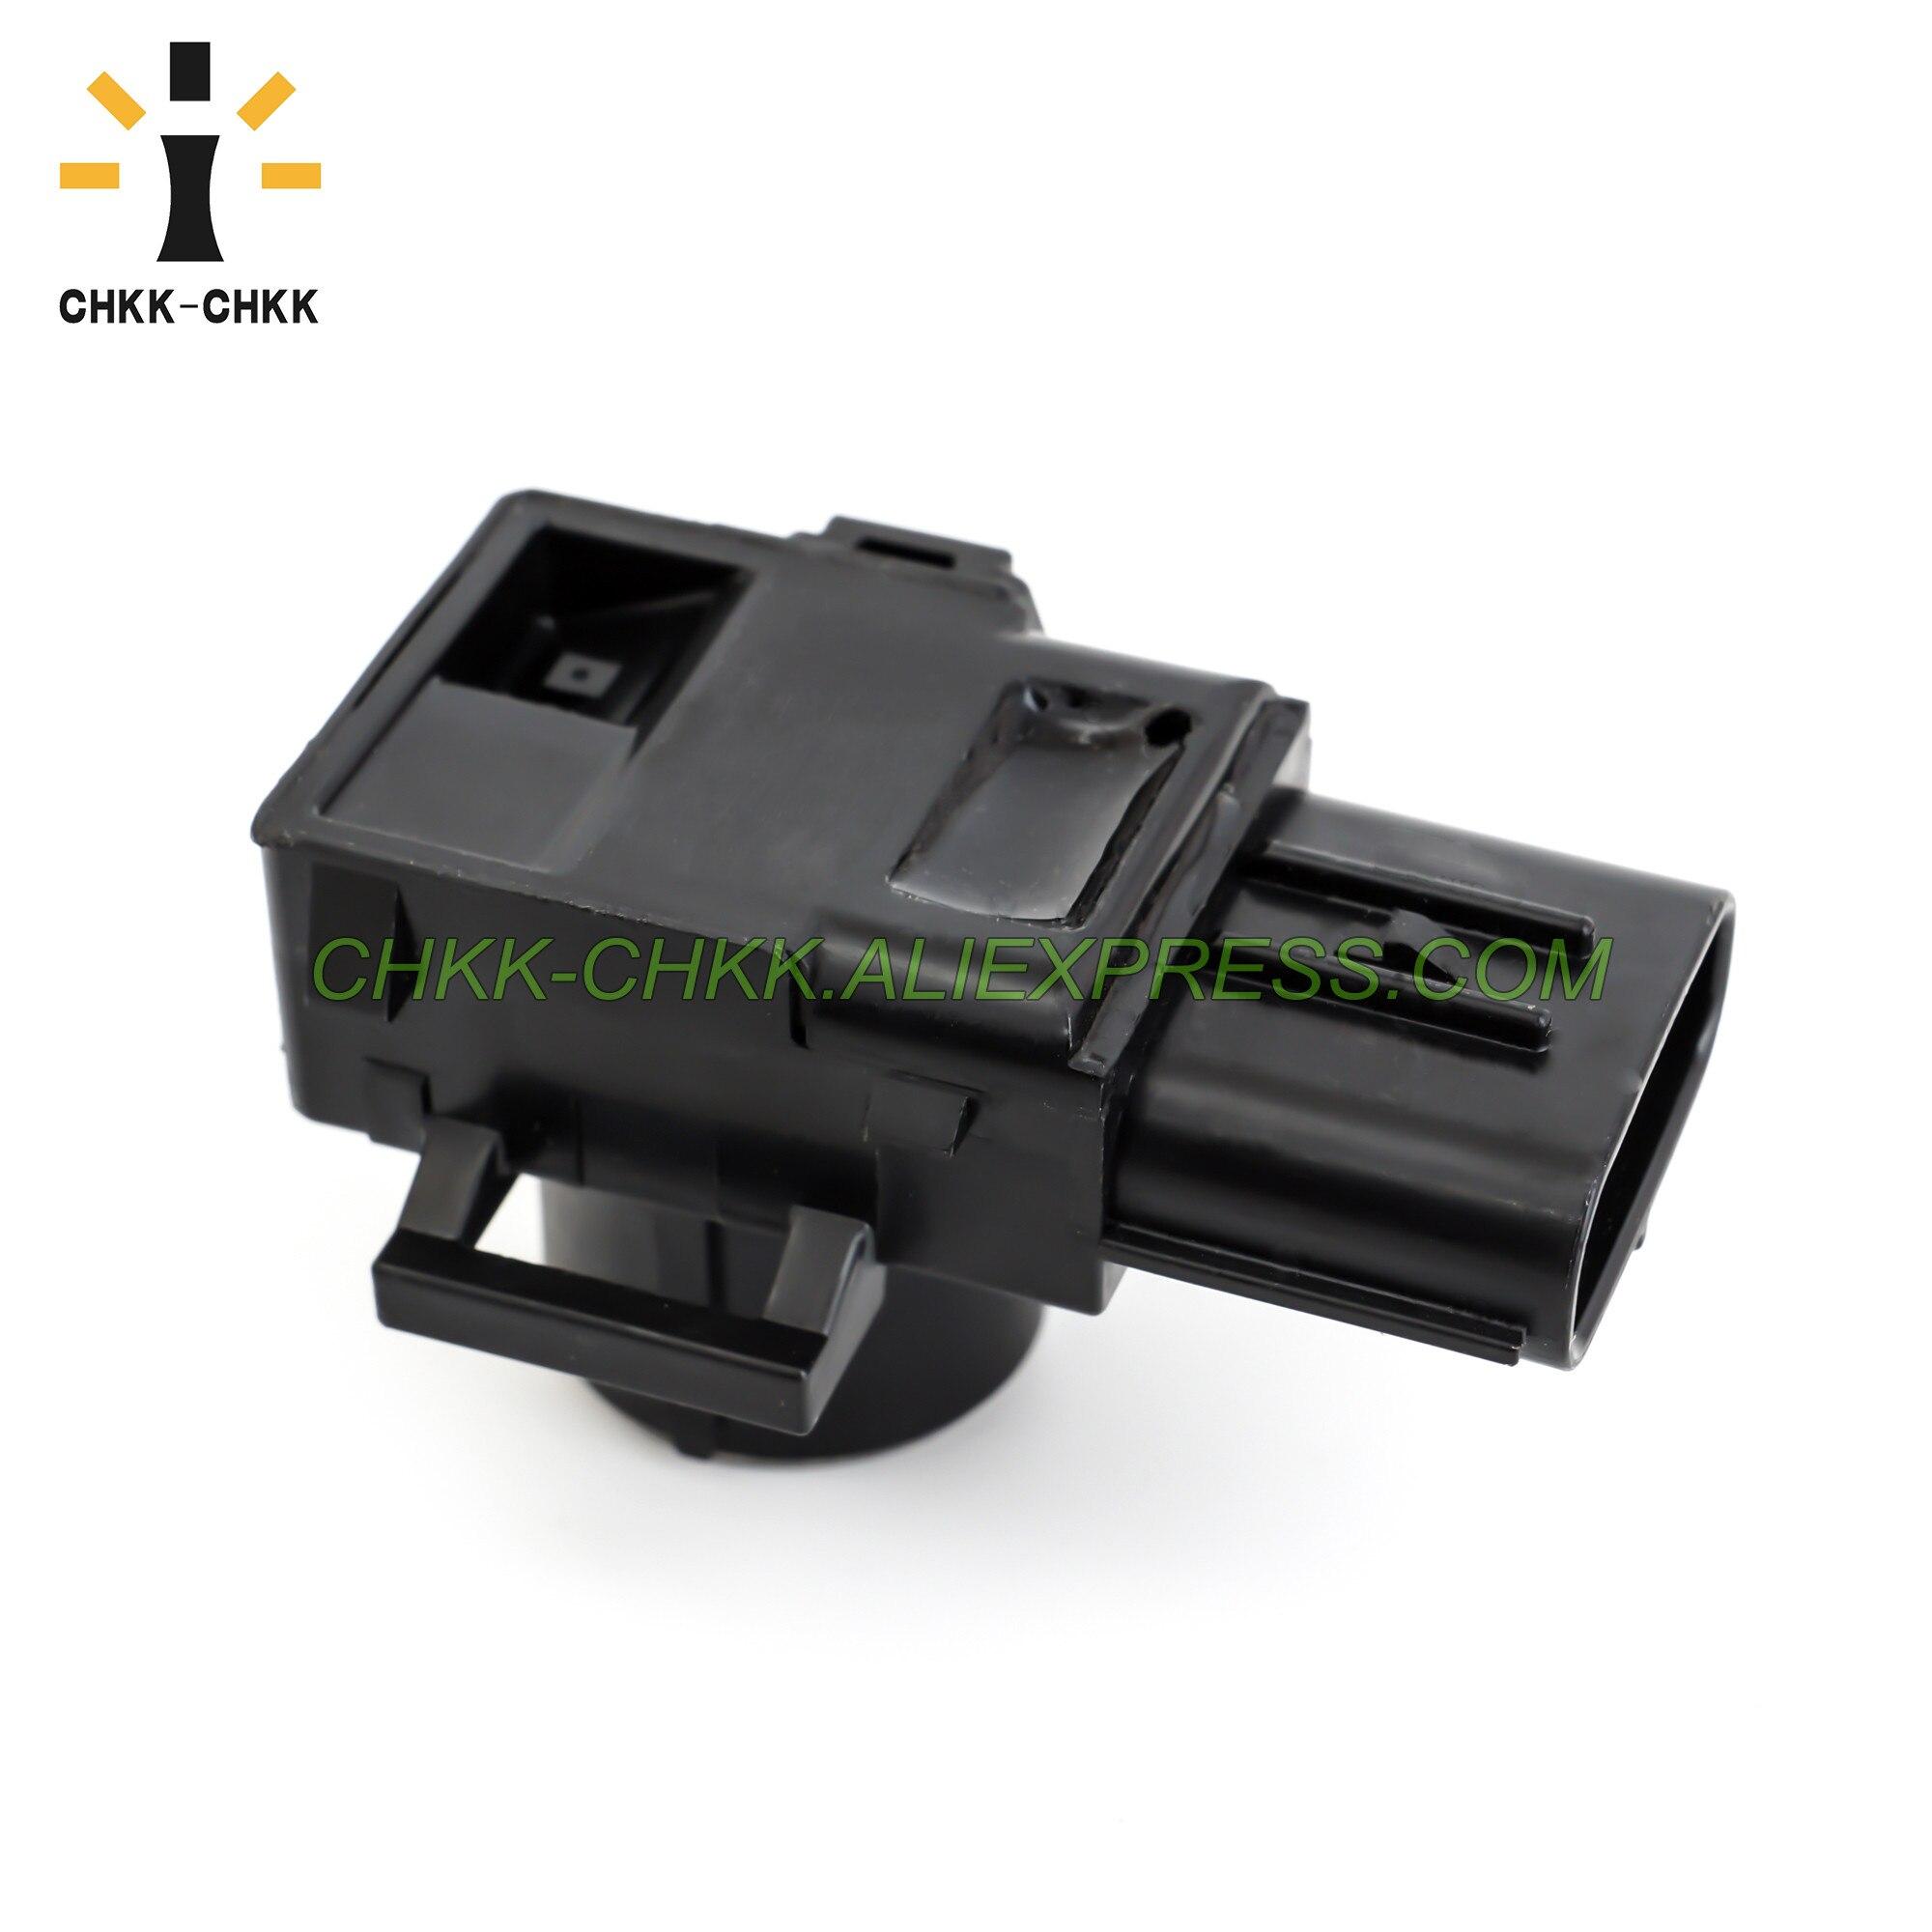 CHKK-CHKK PDC Parksensor Parking Sensor 89341-30060-B0 For TOYOTA MARK X REIZ MAJESTA 8934130060B0